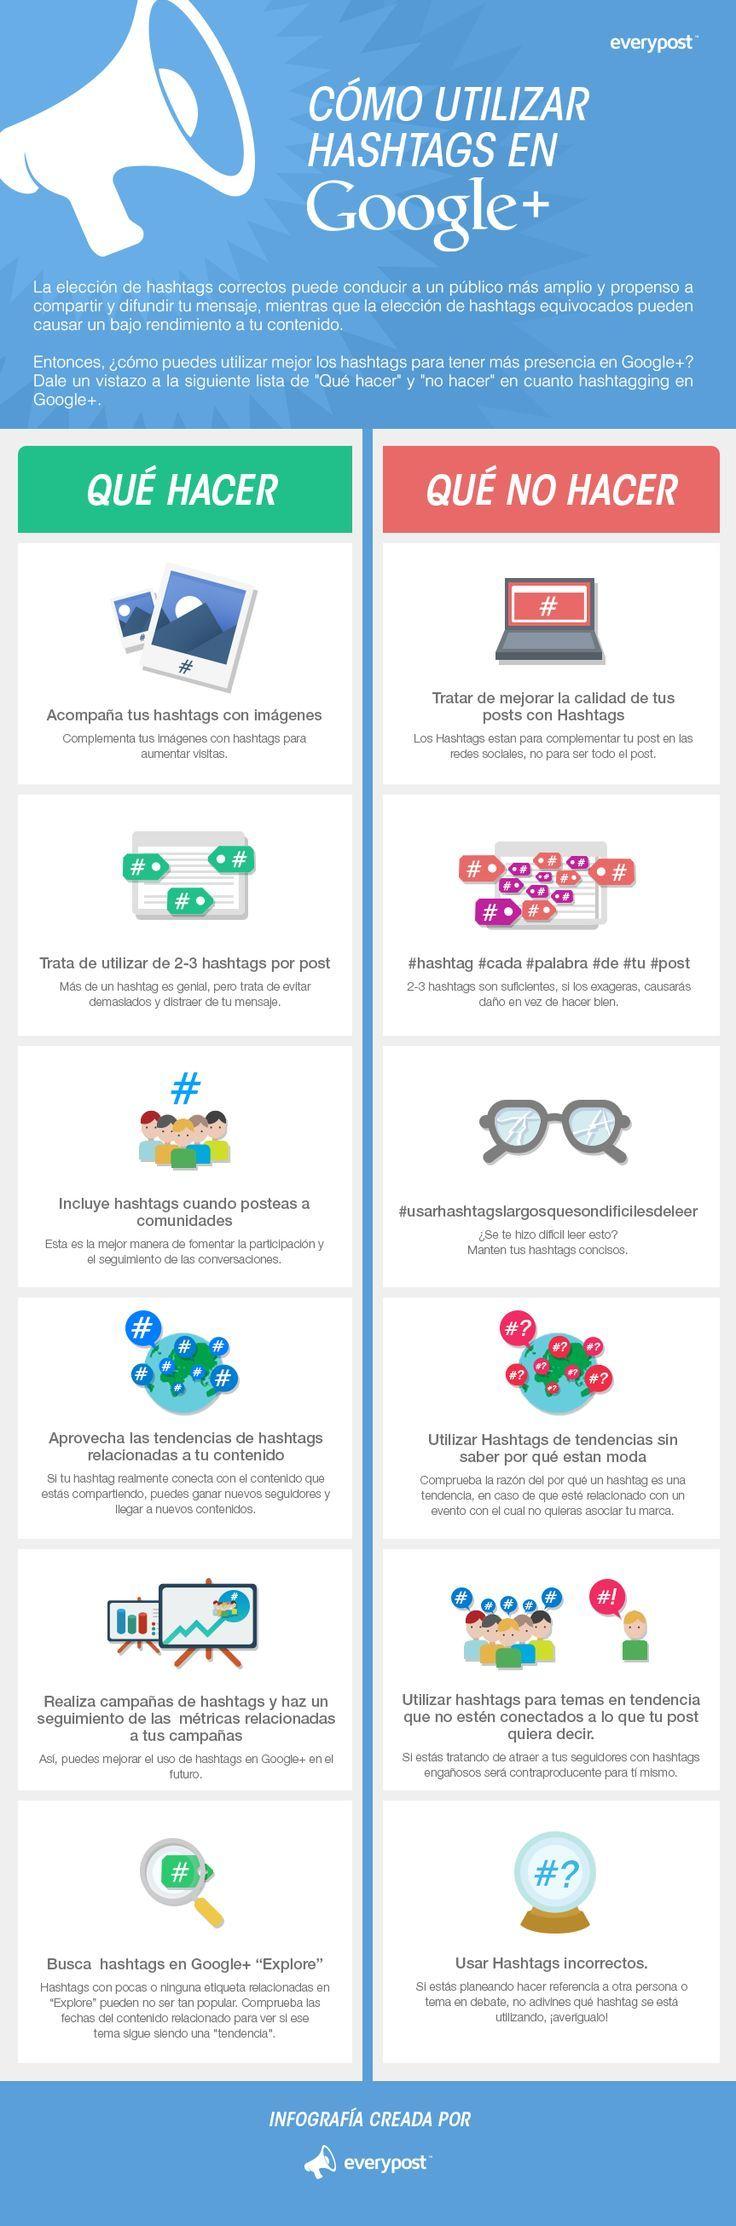 Cómo Utilizar Hashtags en Google Plus